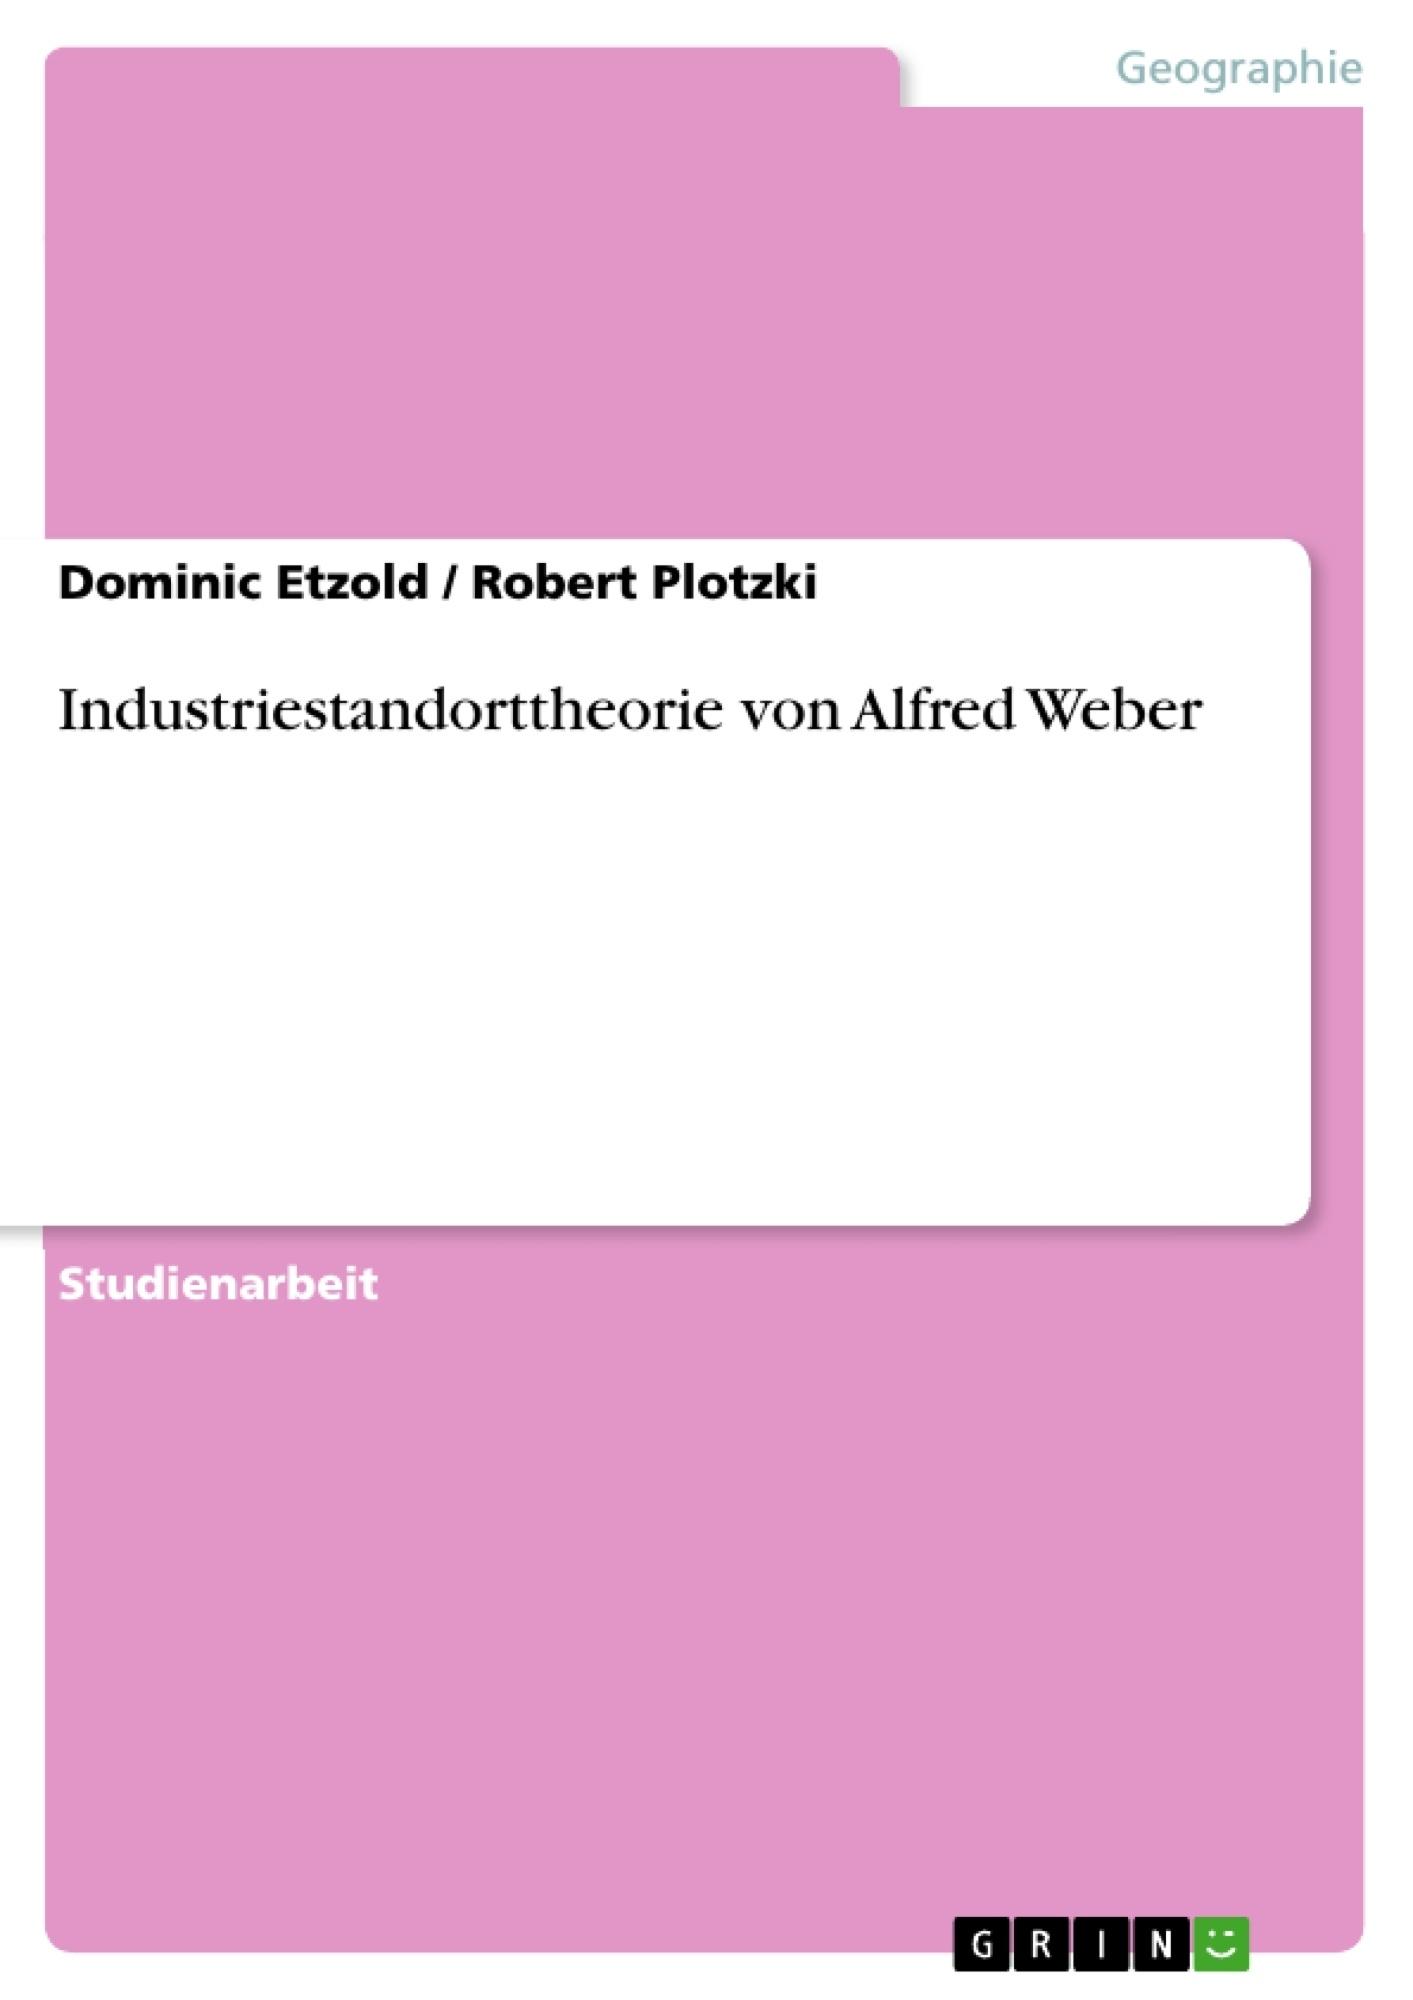 Titel: Industriestandorttheorie von Alfred Weber